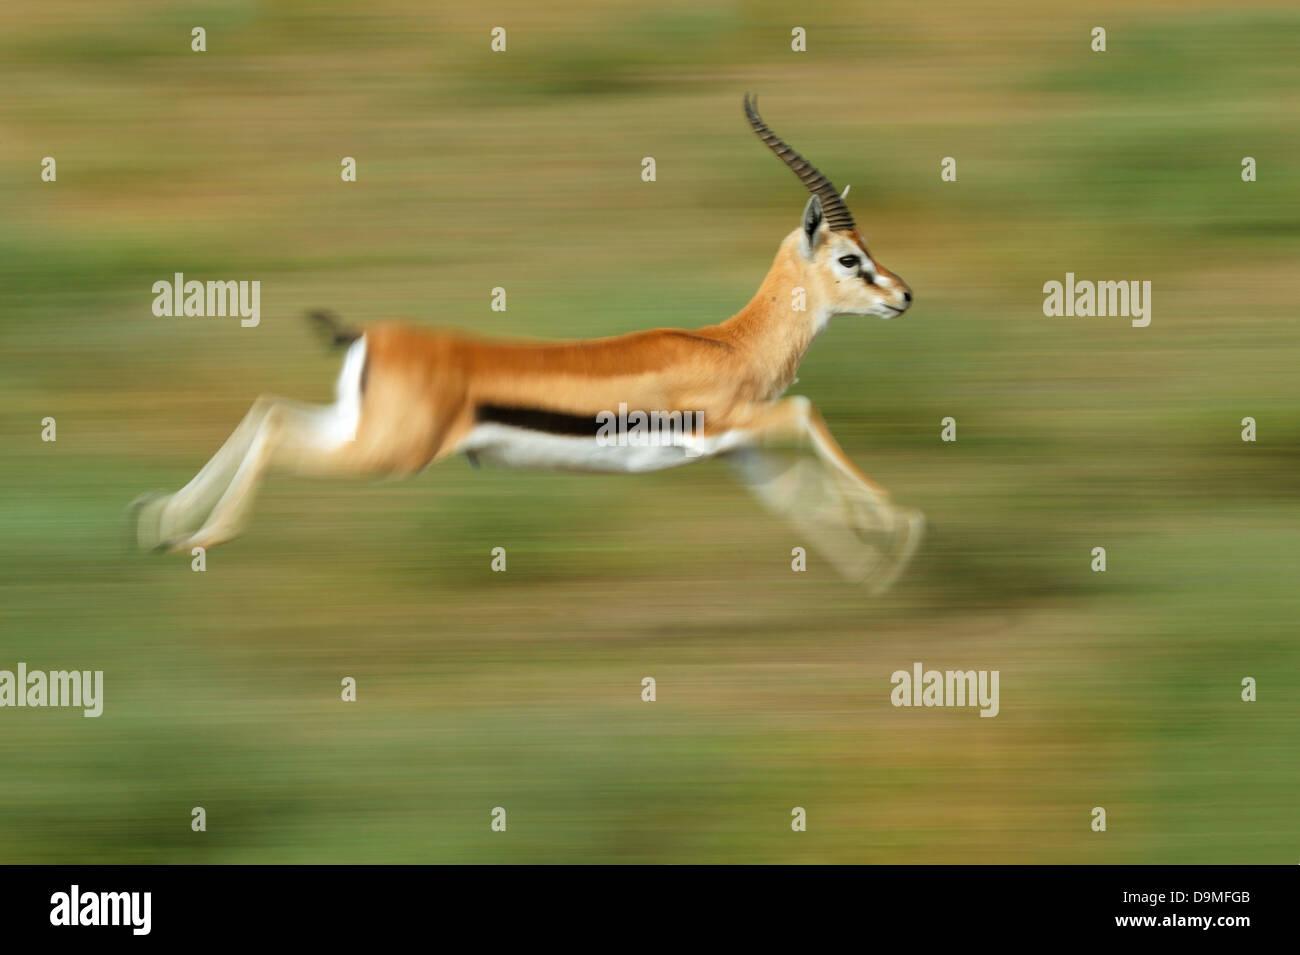 gazelle running machine - photo #31